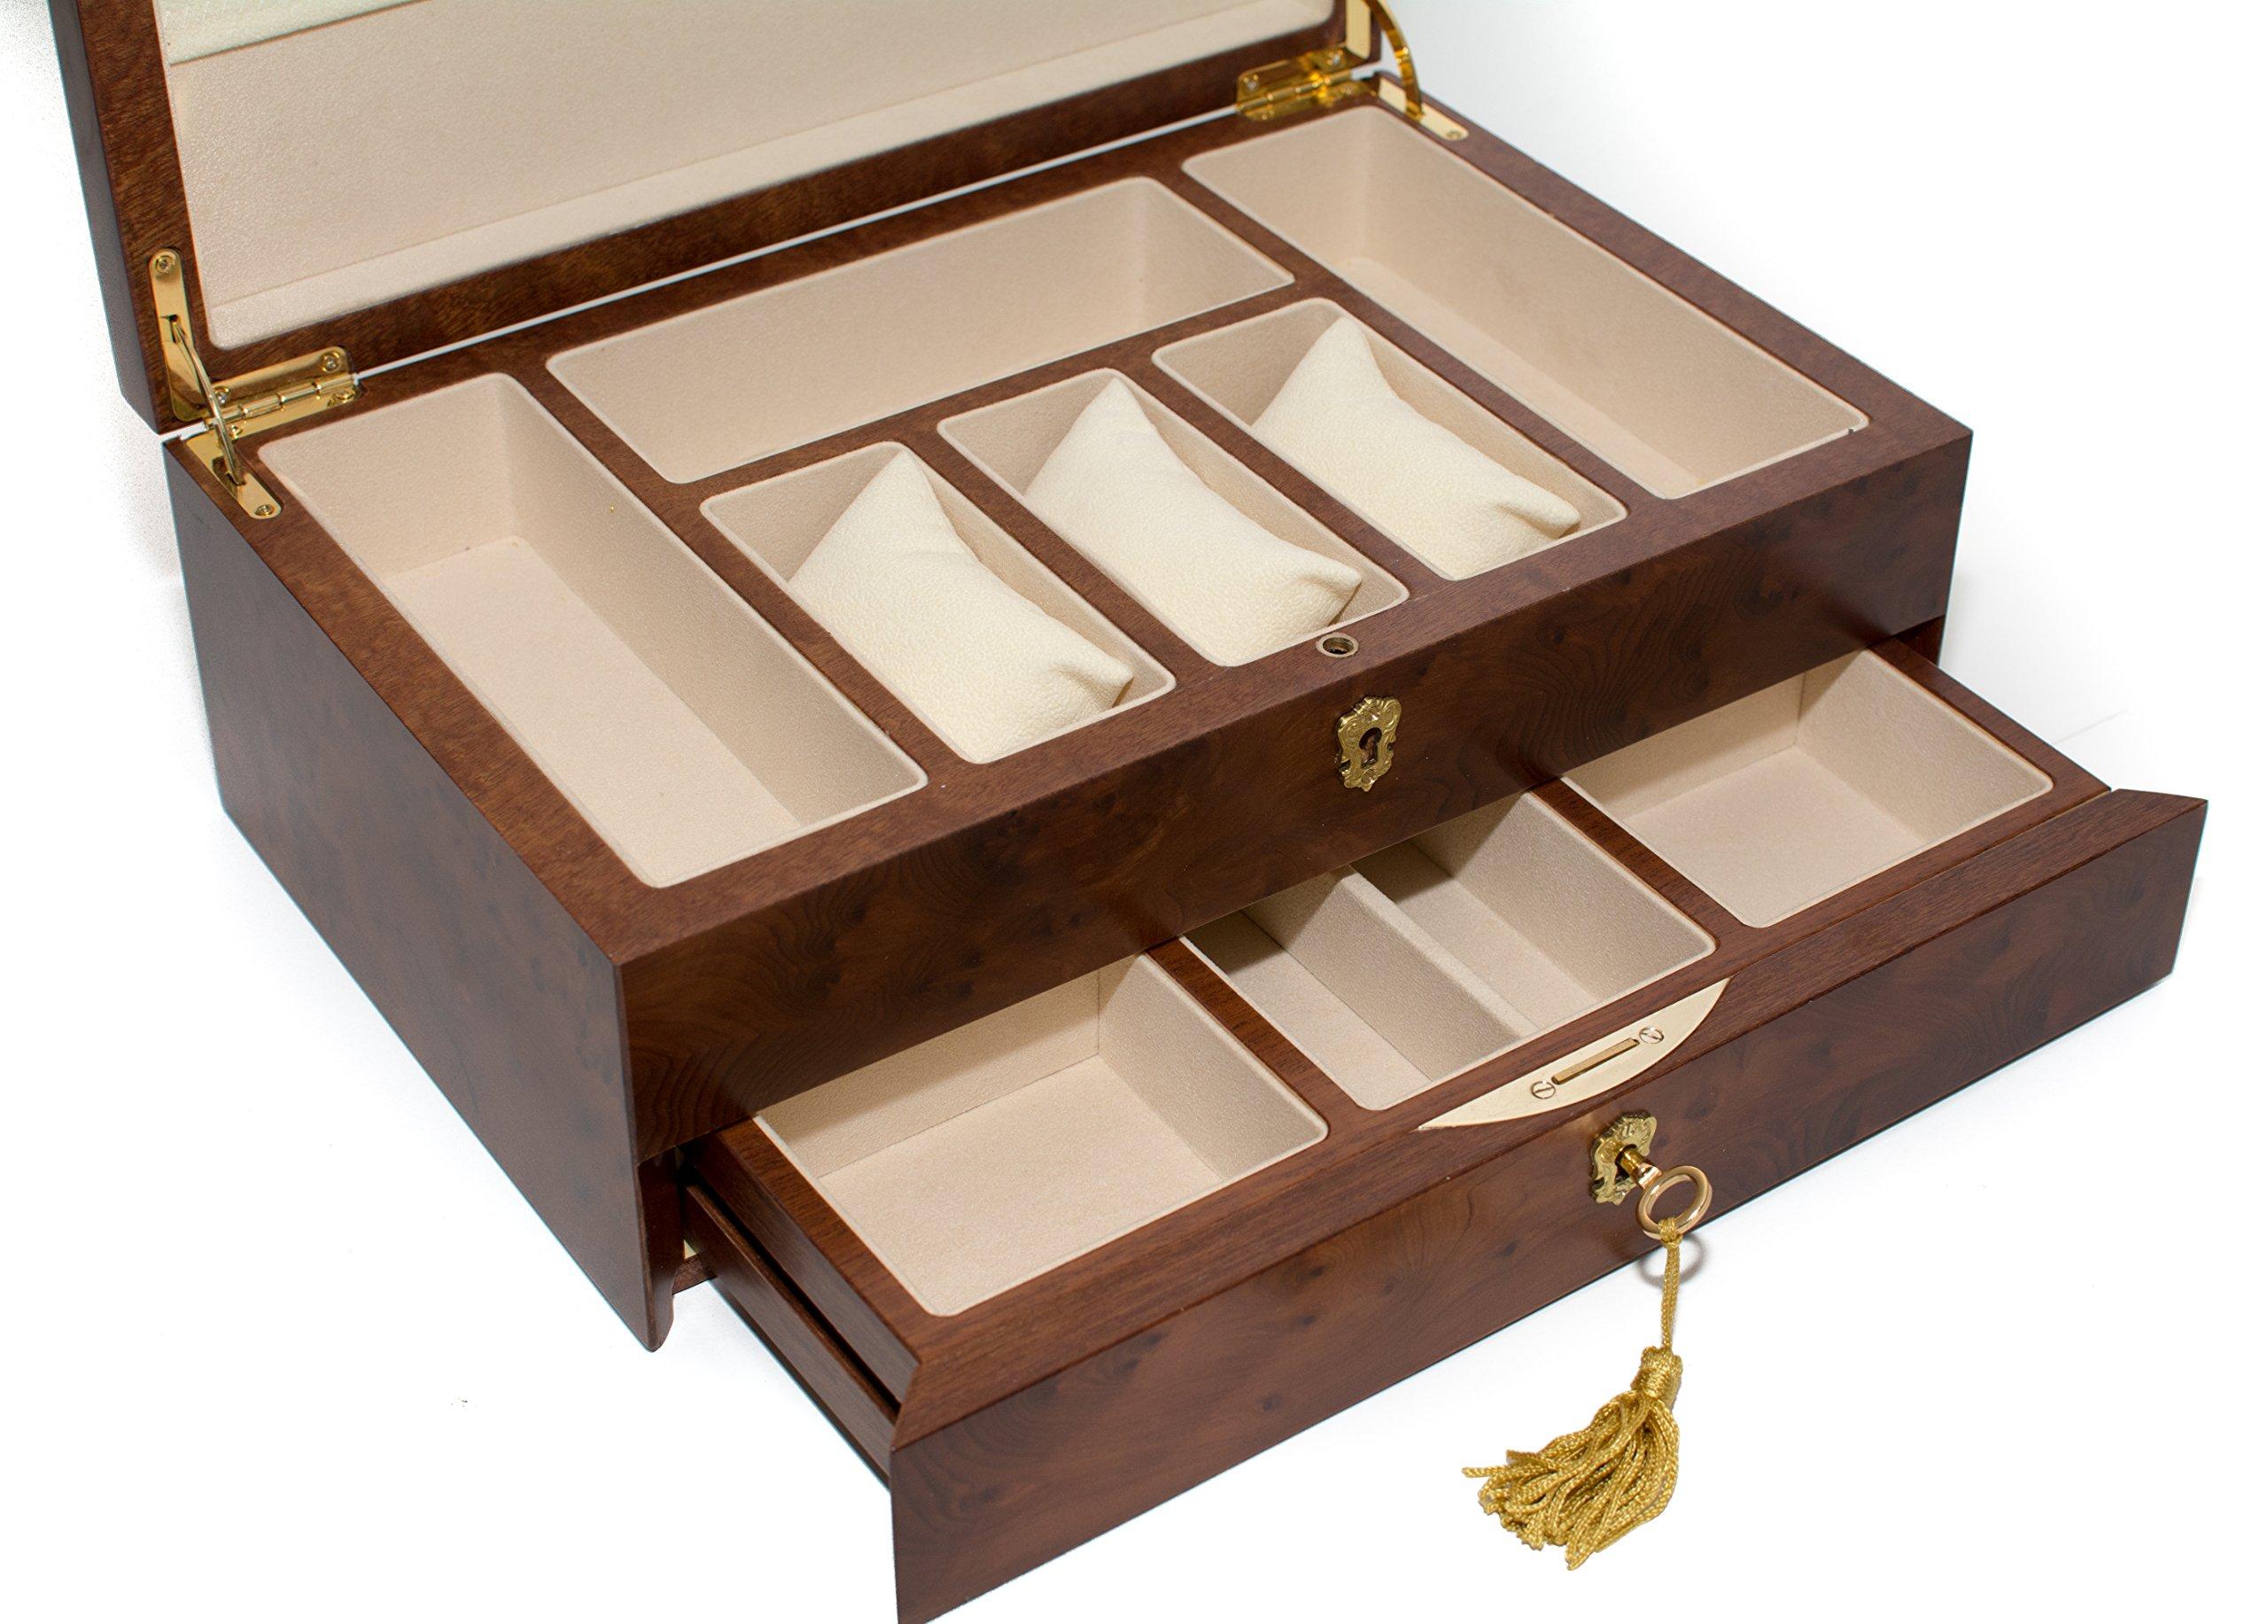 Bello Collezioni - Via Del Corso Luxury Briar Wood Men's/Women's Jewelry Box. Made in Italy by Bello Games New York, Inc. (Image #3)